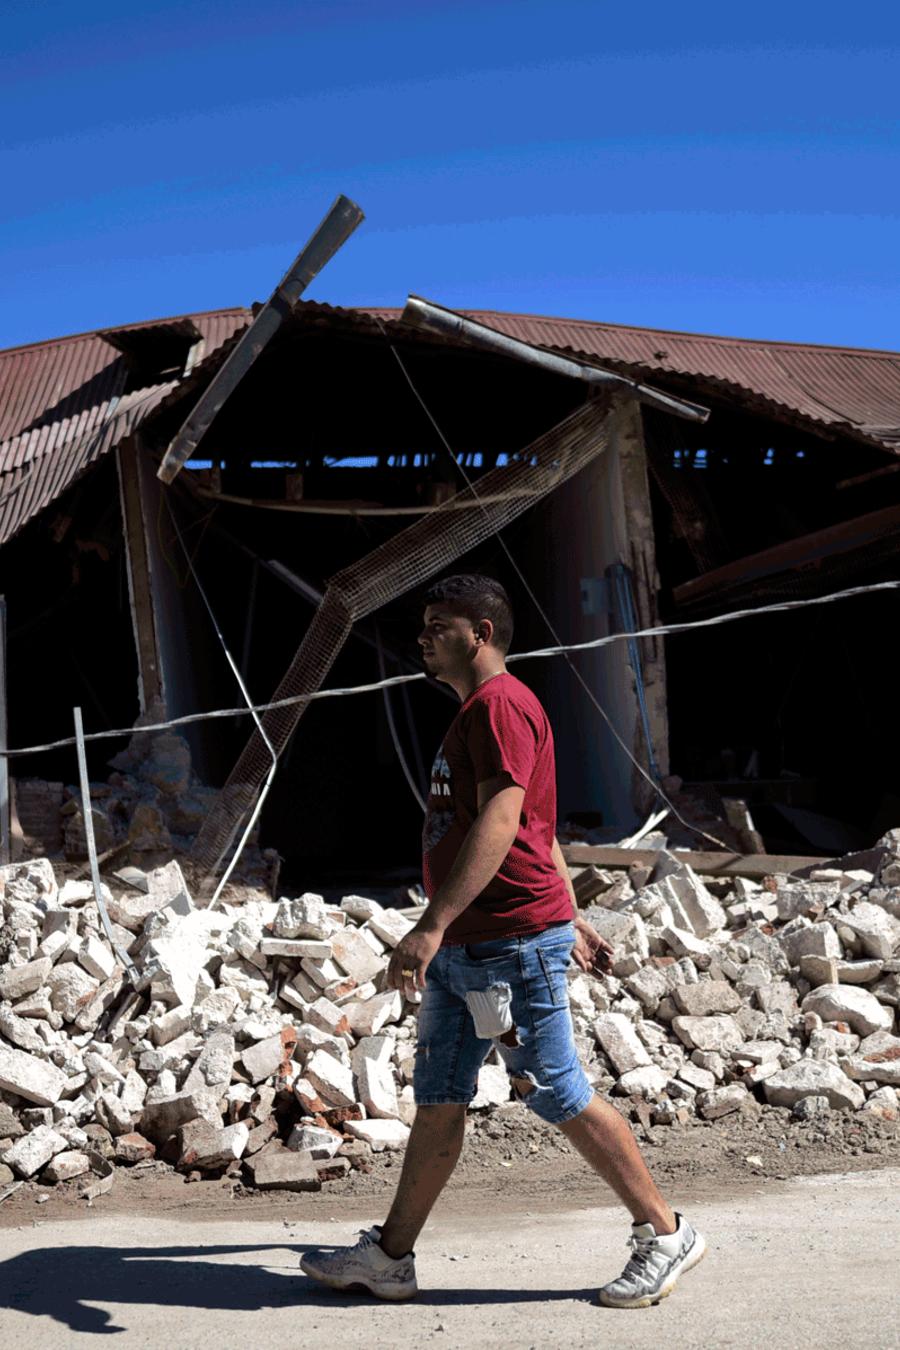 Casas dañadas durante el sismo magnitud 6.4 en Guánica, Puerto Rico.